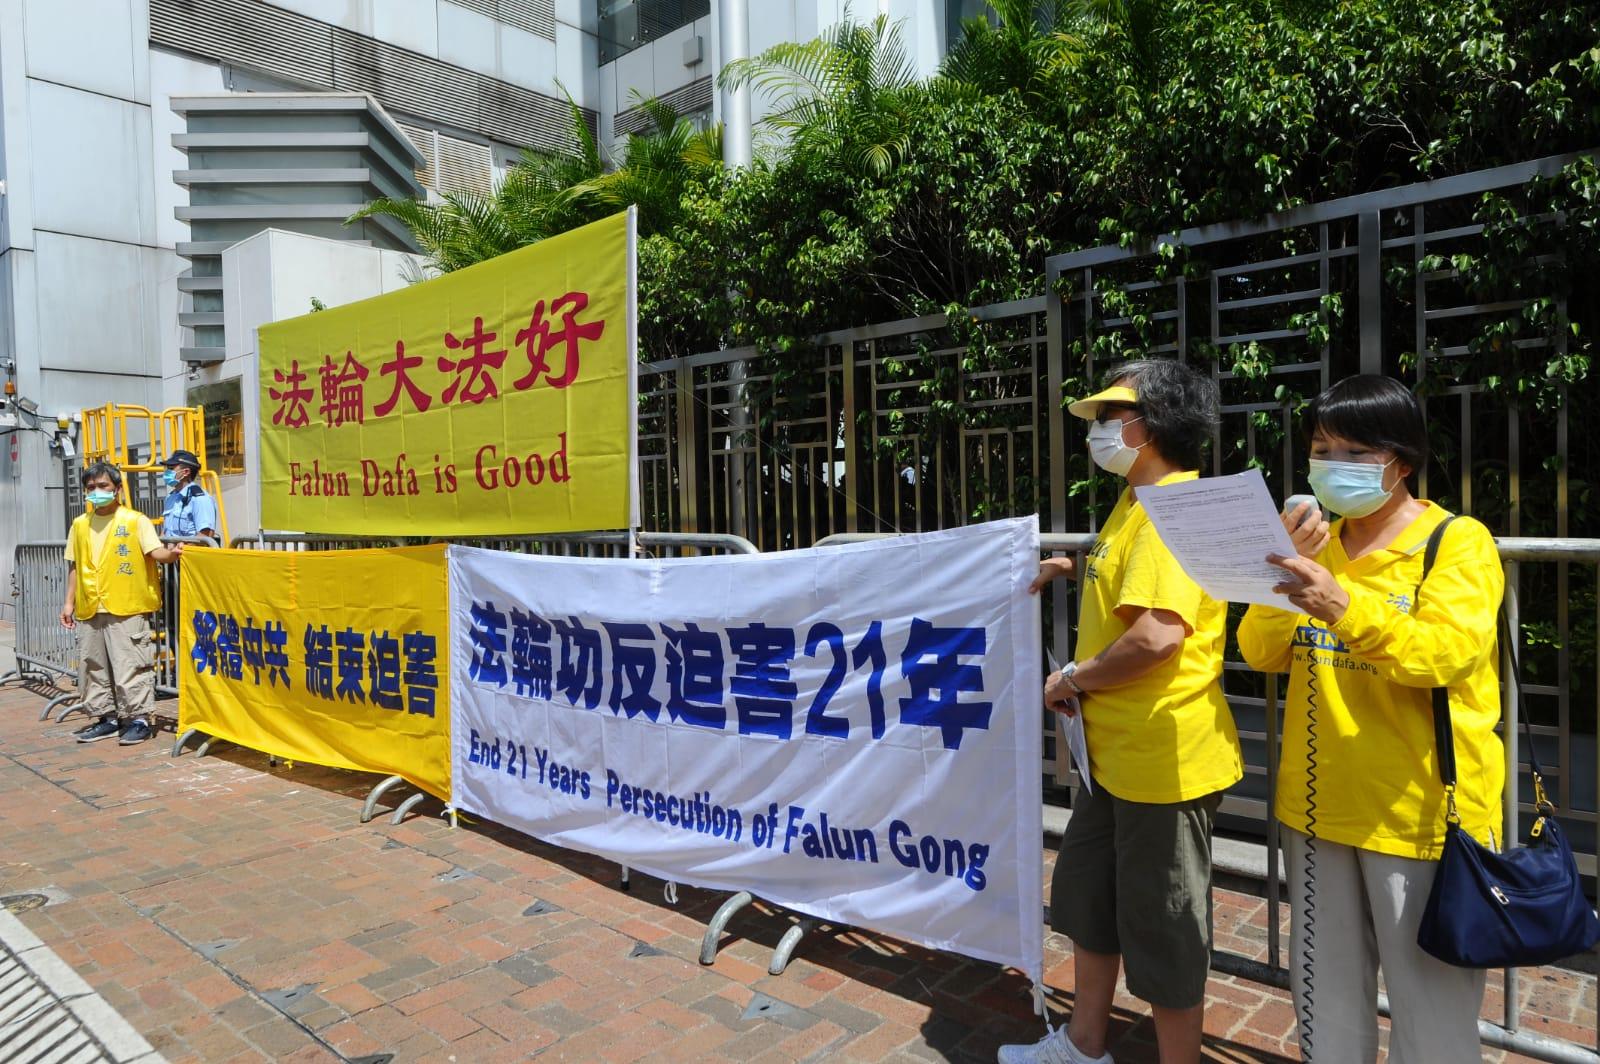 即使受到「港版國安法」壓力,適逢「7.20」反迫害21年,香港法輪功學員一如既往到中聯辦前抗議,呼籲解體中共、結束迫害。(宋碧龍/大紀元)